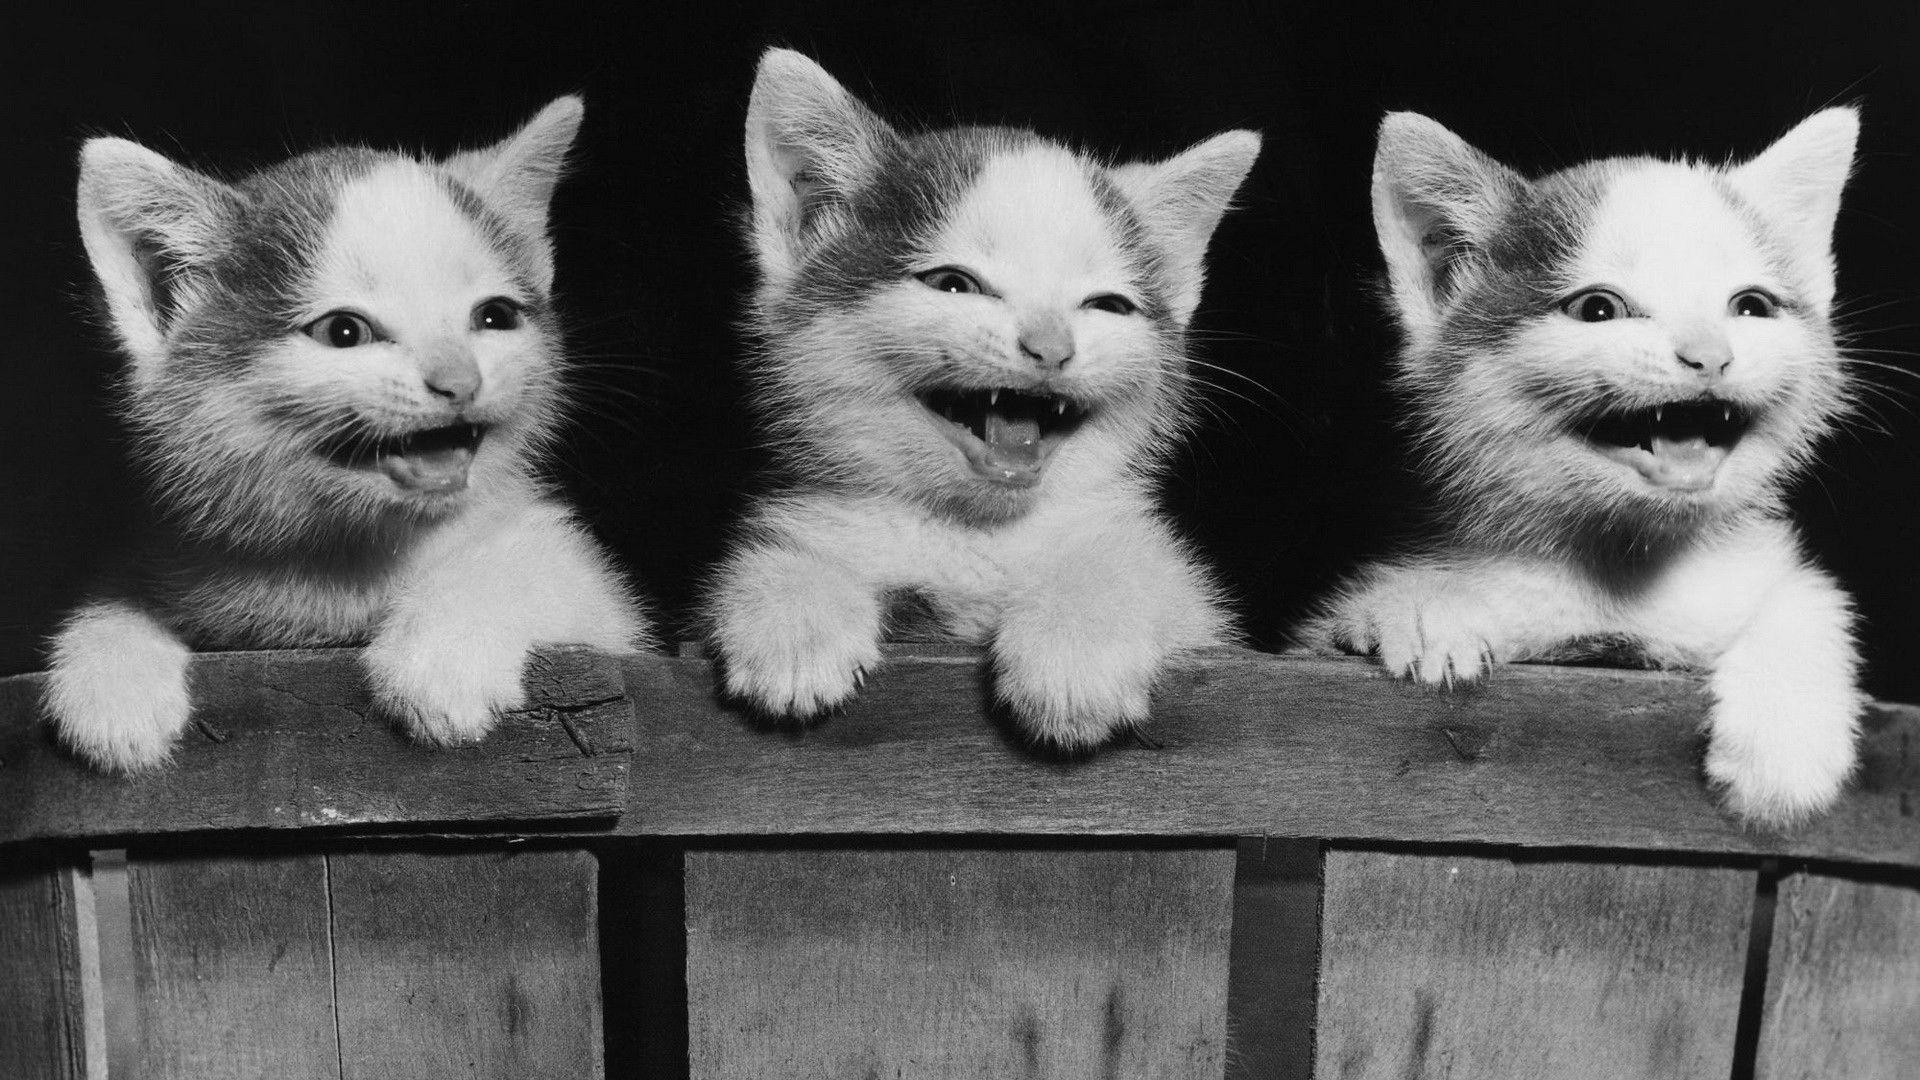 happy kittens #22